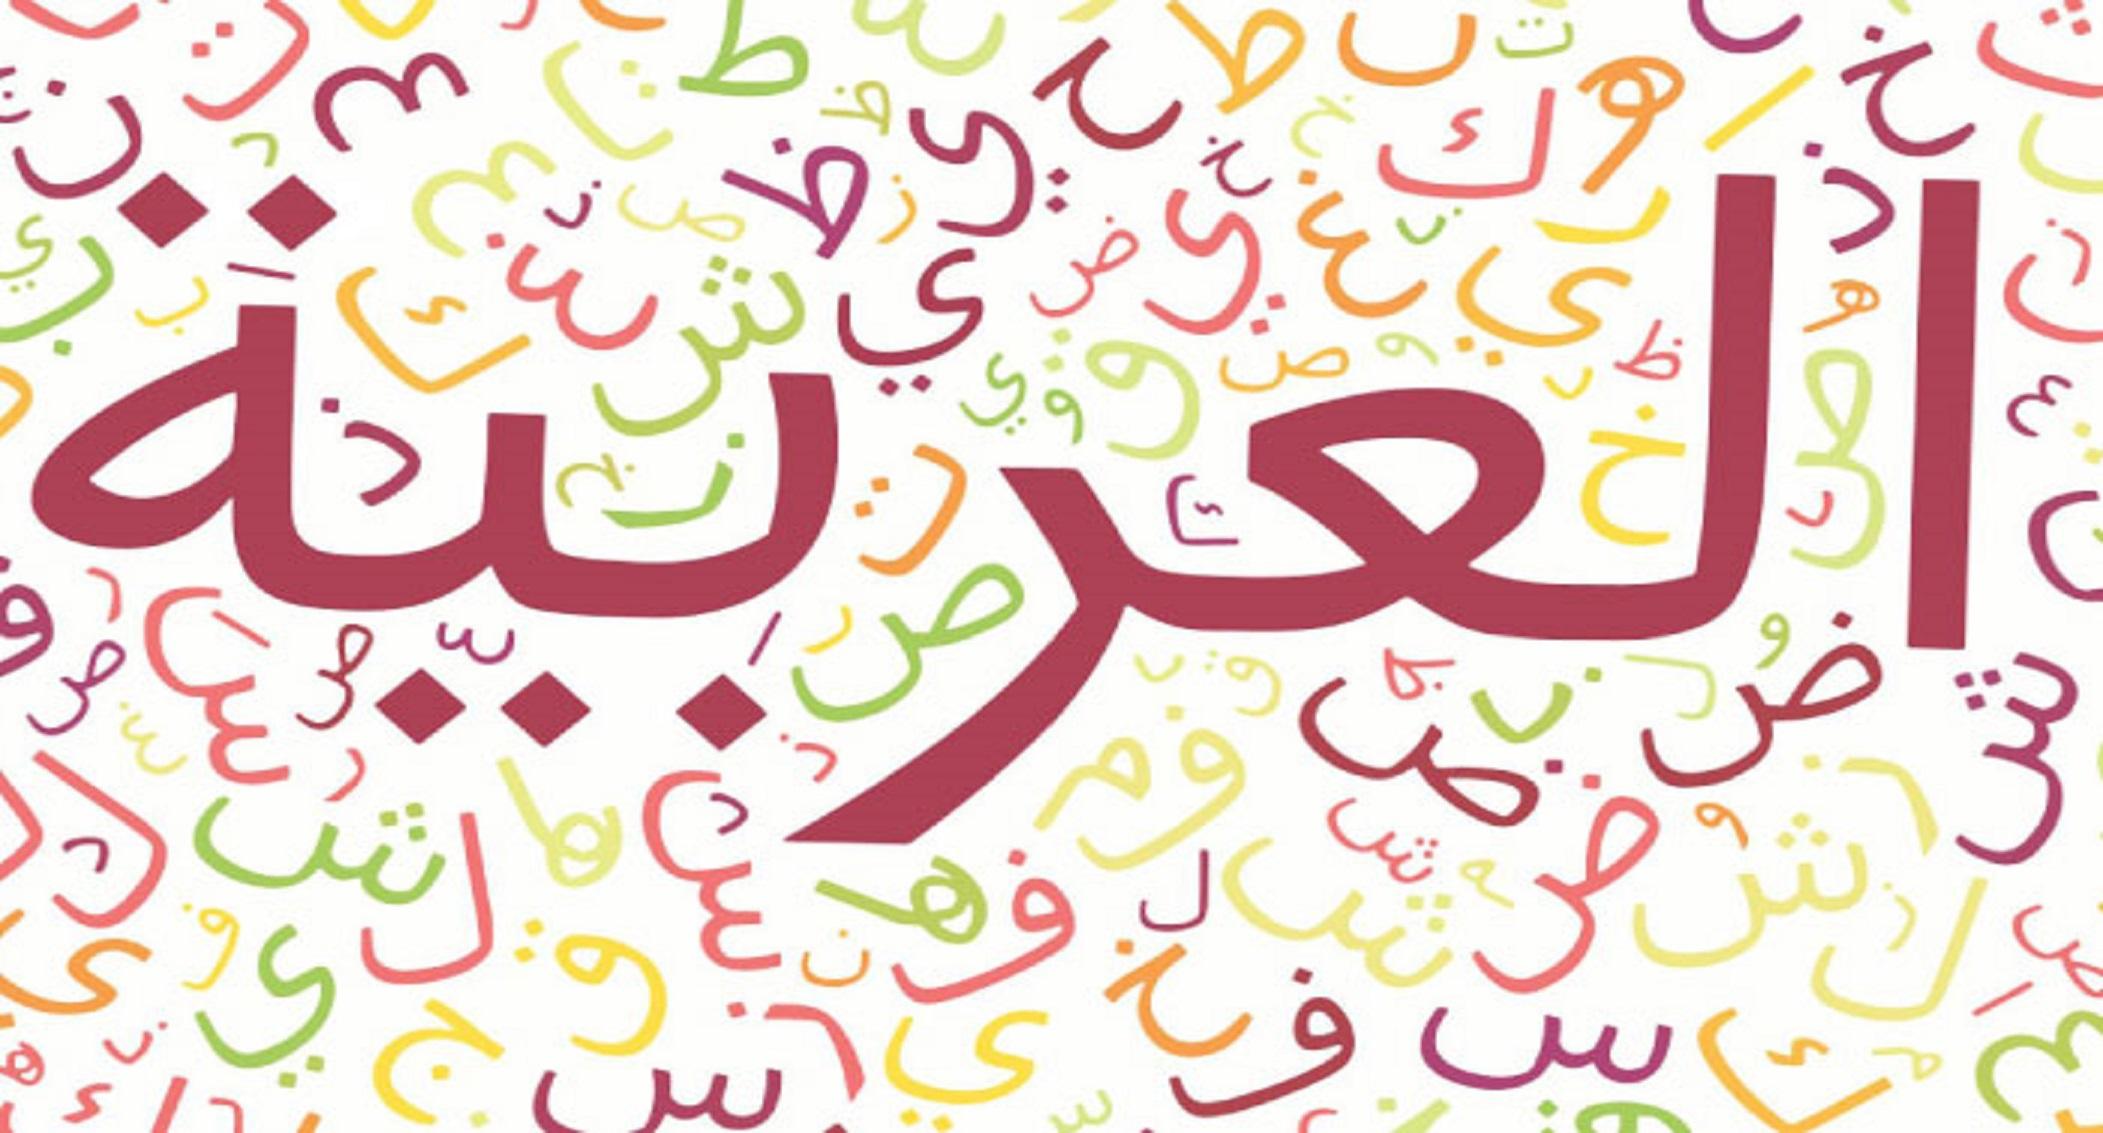 Basic Arabic Language Course